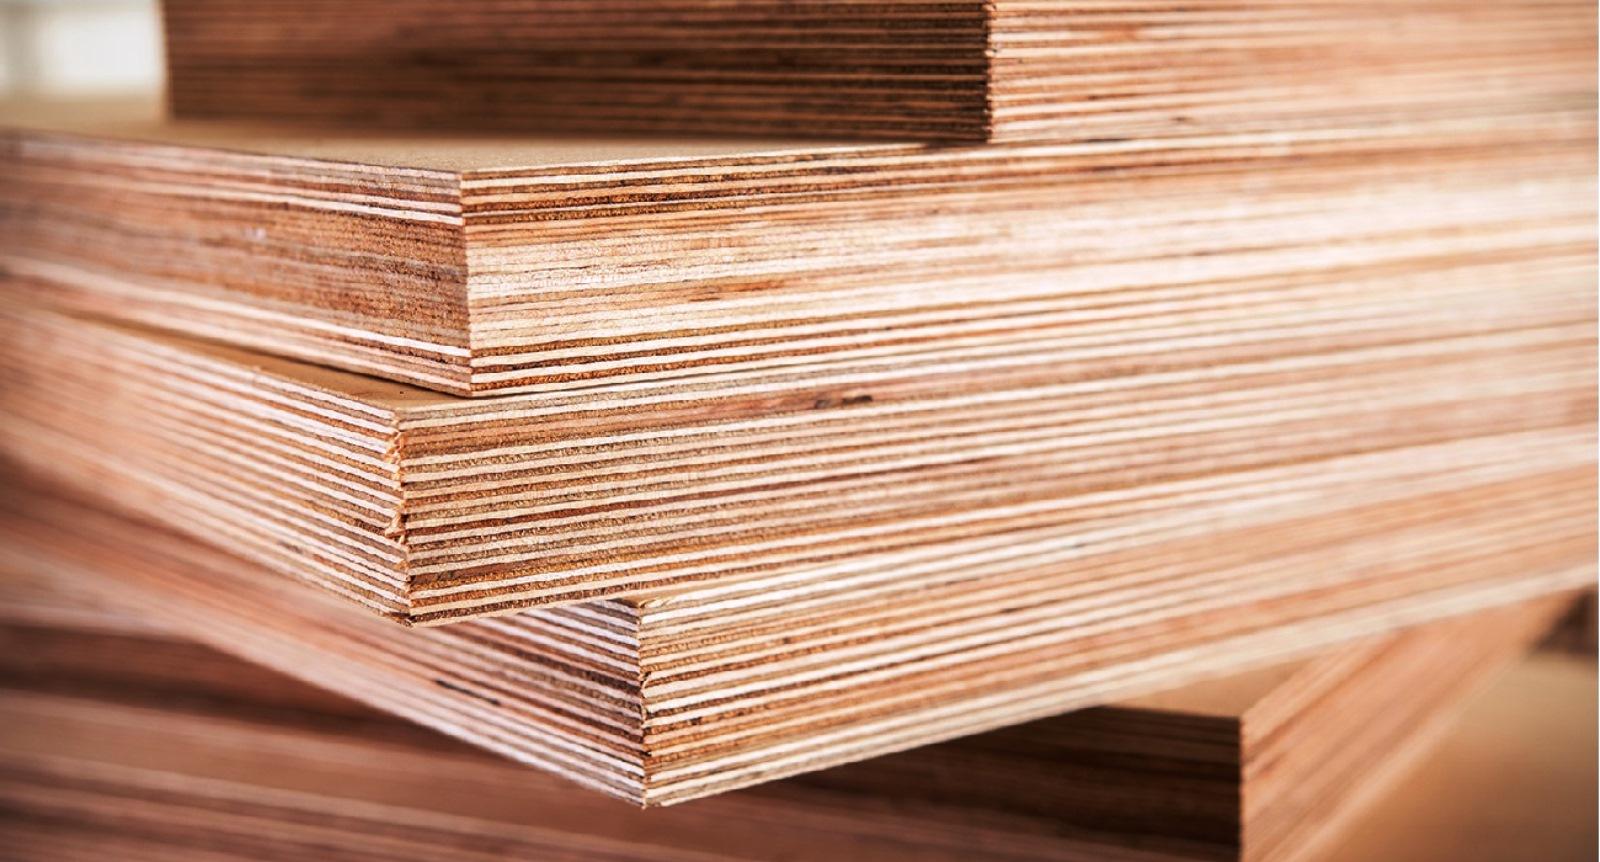 Фанера влагостойкая и шлифованные плиты МДФ - тема данного материала в рамках которого мы немного коснемся ключевых особенностей обозначенных строительных материалов на деревянной основе.